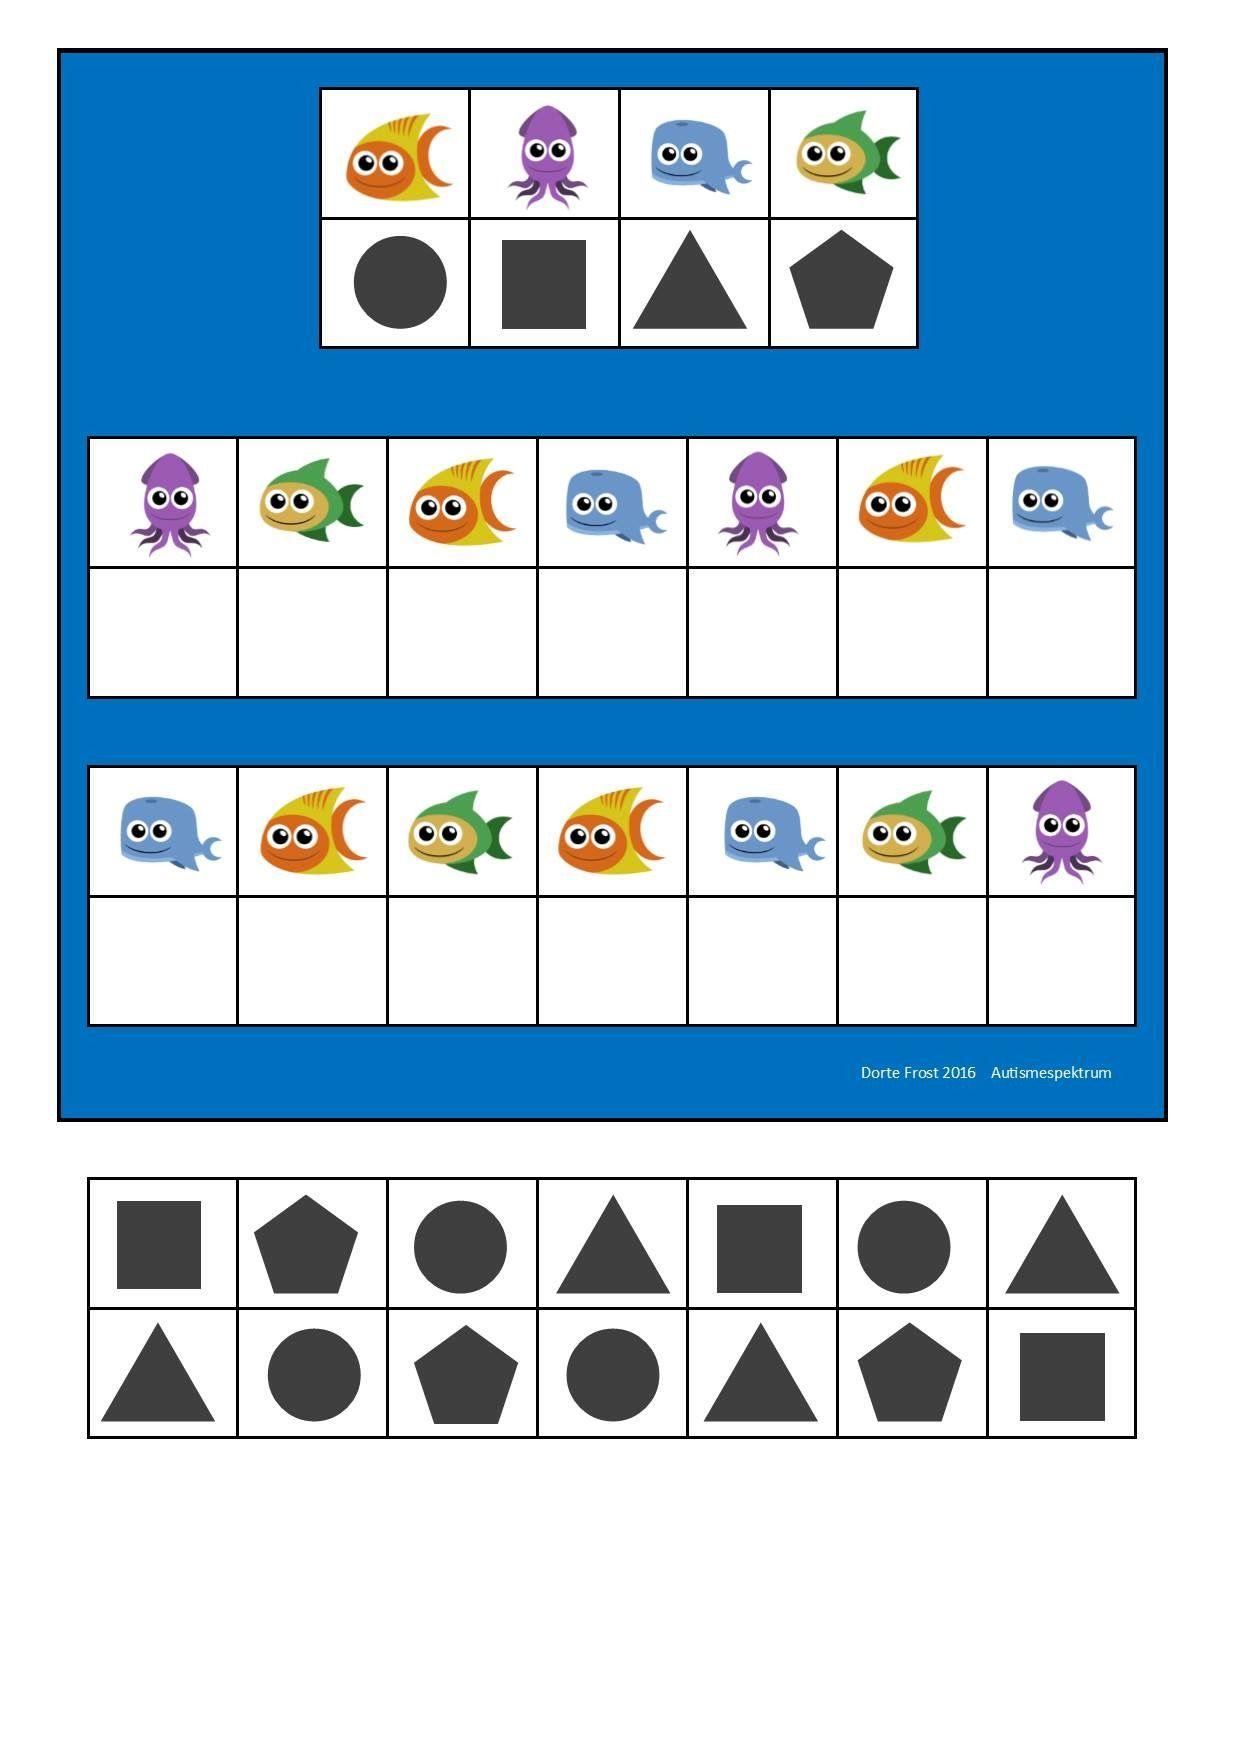 Para La Atencion Preschool Learning Activities Preschool Activities Visual Perception Activities [ 1754 x 1240 Pixel ]